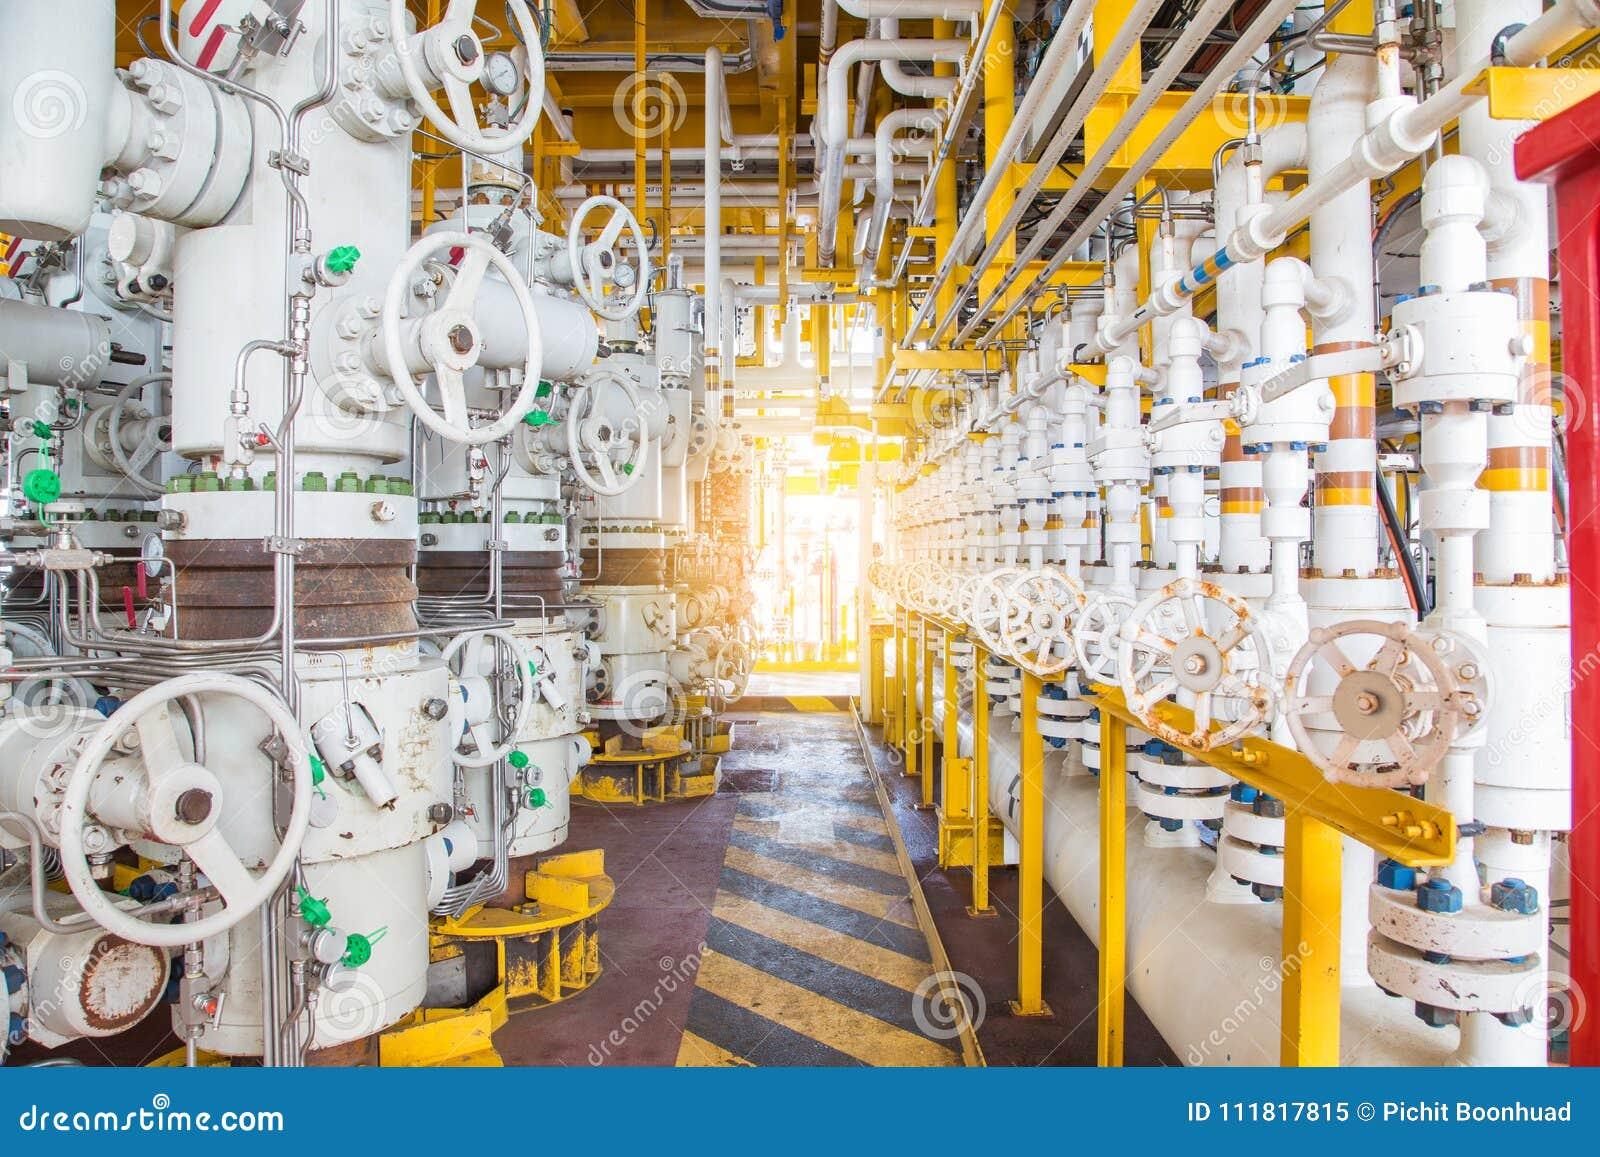 Soupapes de sûreté sur la plate-forme à distance de tête de puits de pétrole marin et de gaz pour protéger le tuyau et la ligne d